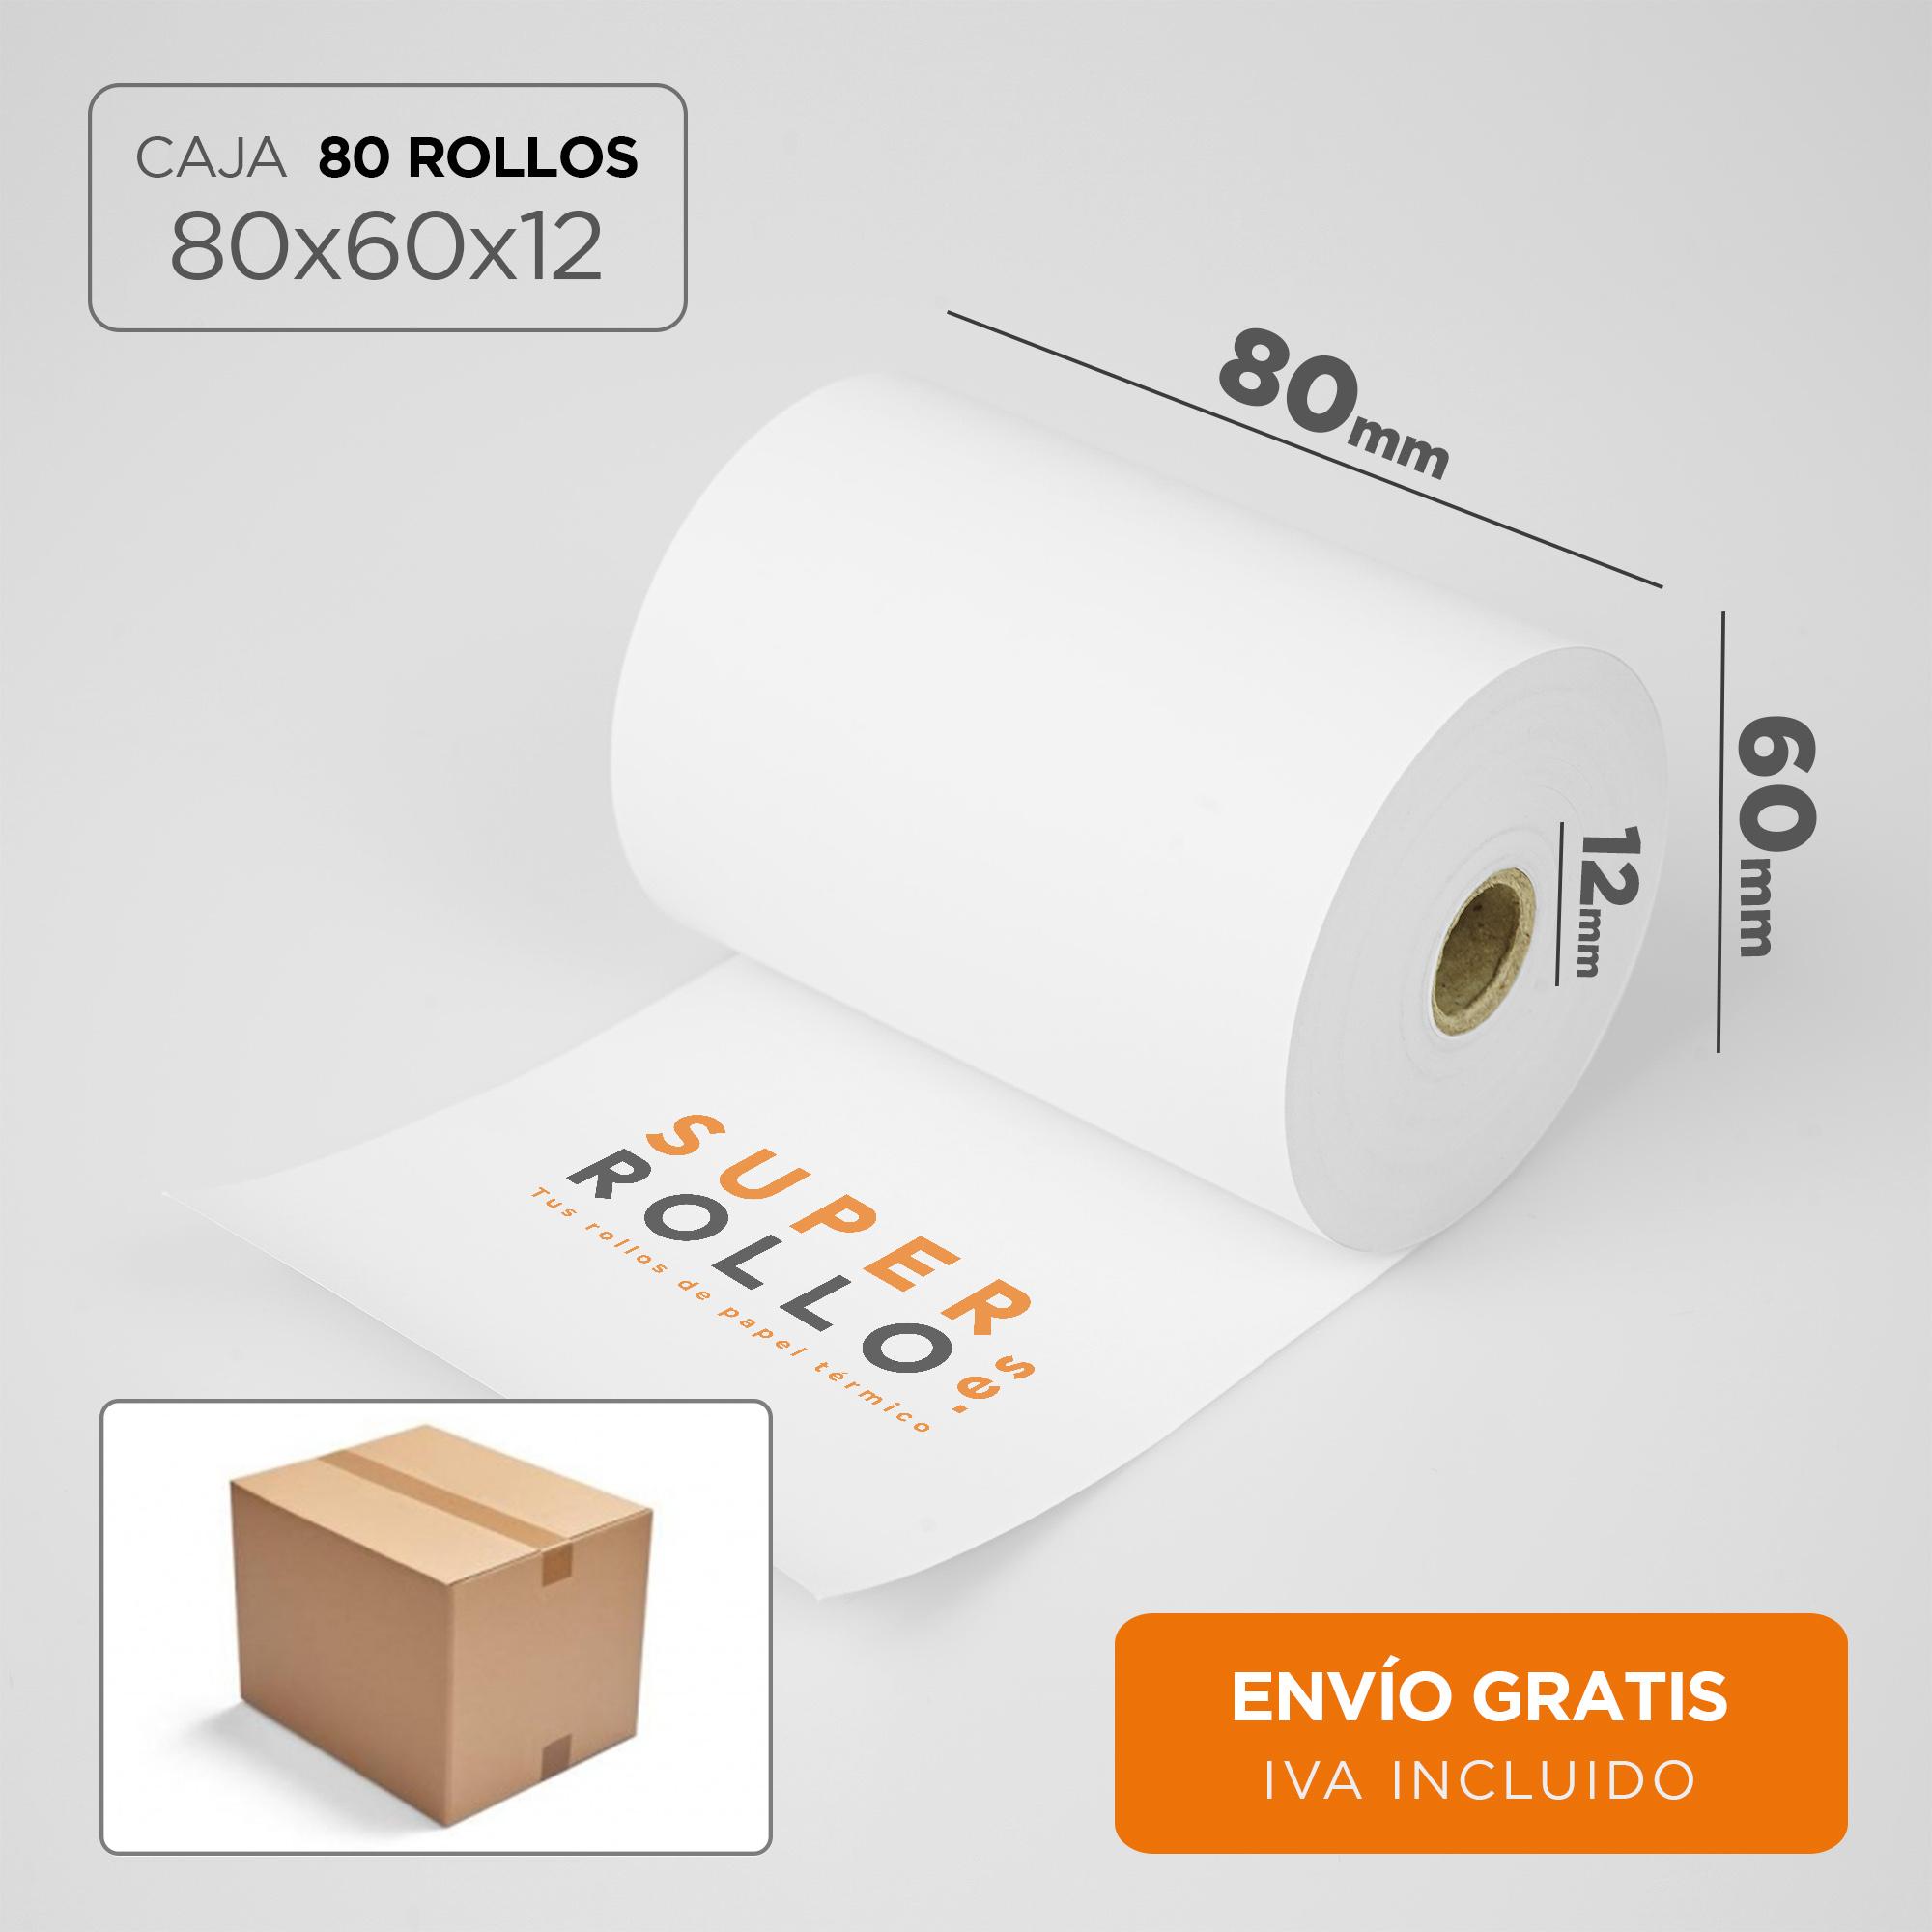 CAJA_80-ROLLOS_80x60x12